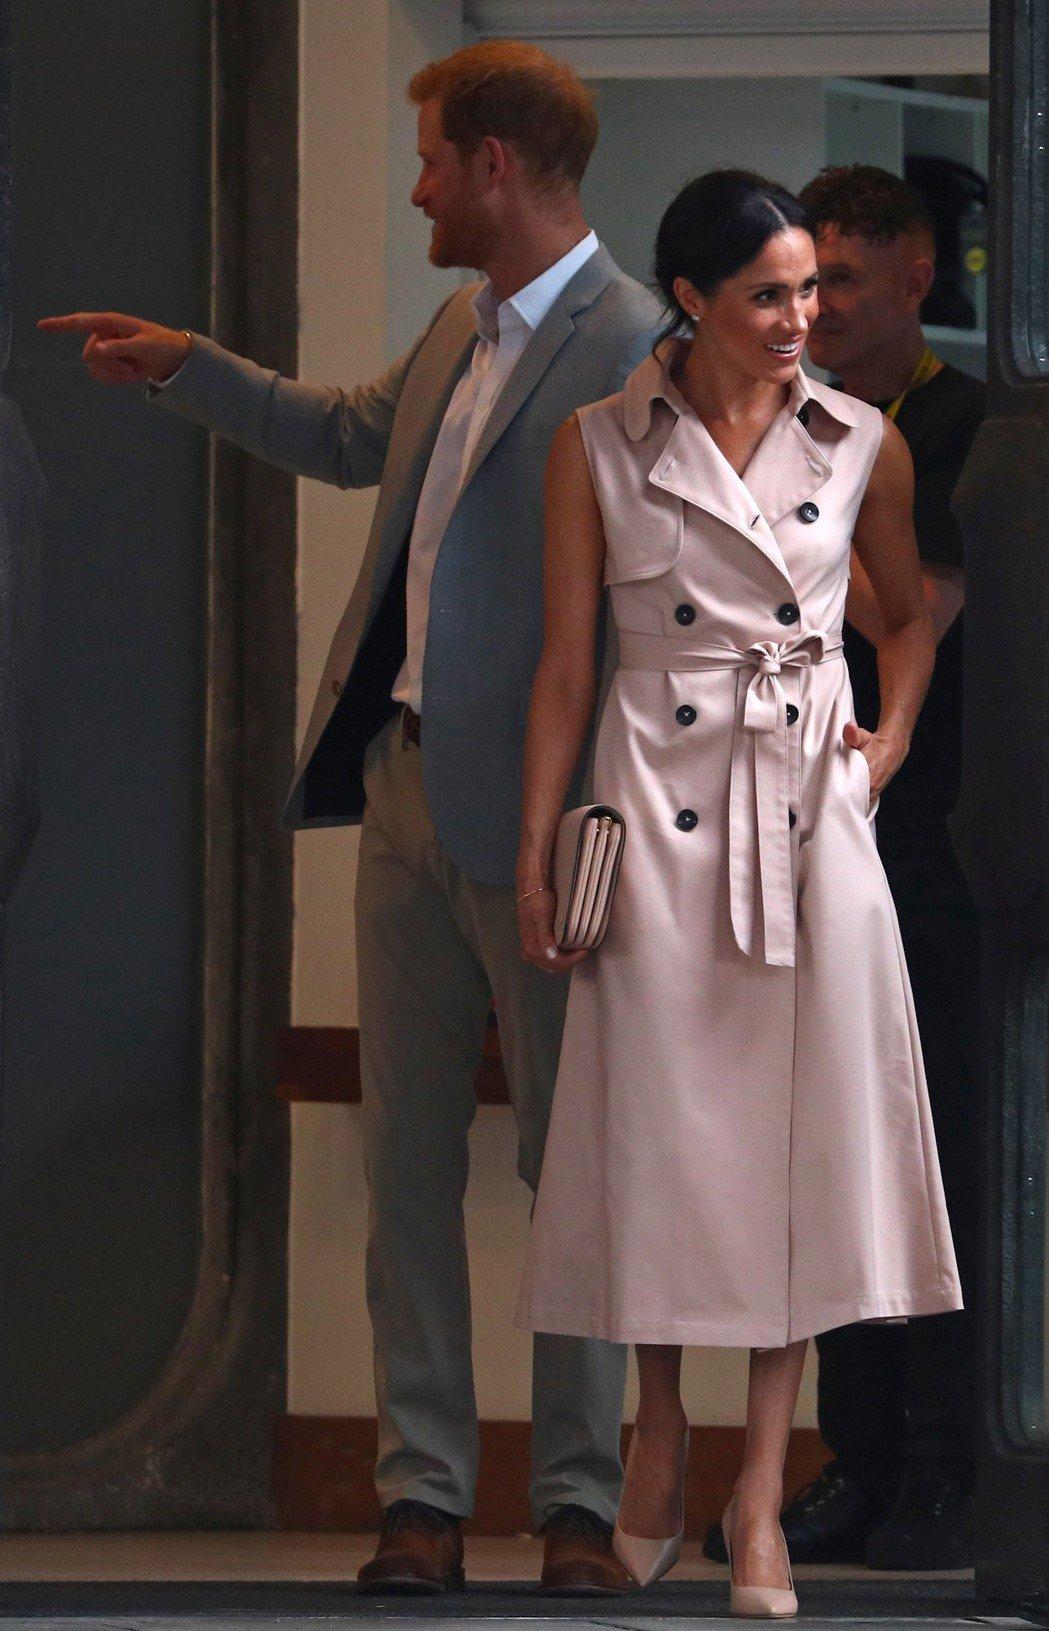 梅根穿著名牌洋裝、手放口袋,逐漸成為她的個人特色。圖/路透資料照片